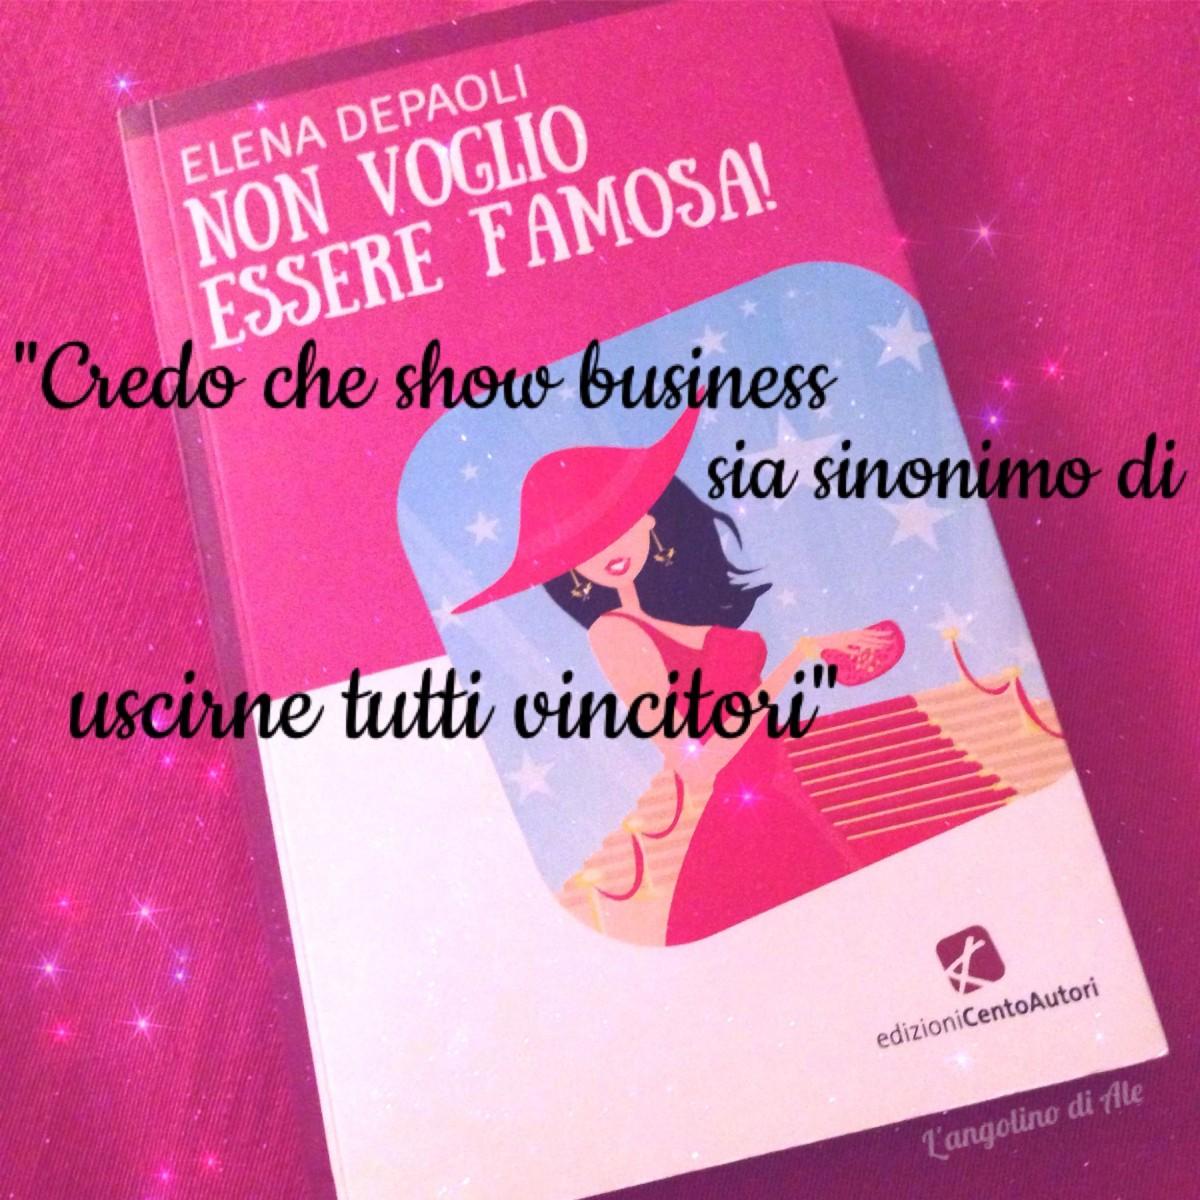 Non voglio essere famosa di Elena Depaoli